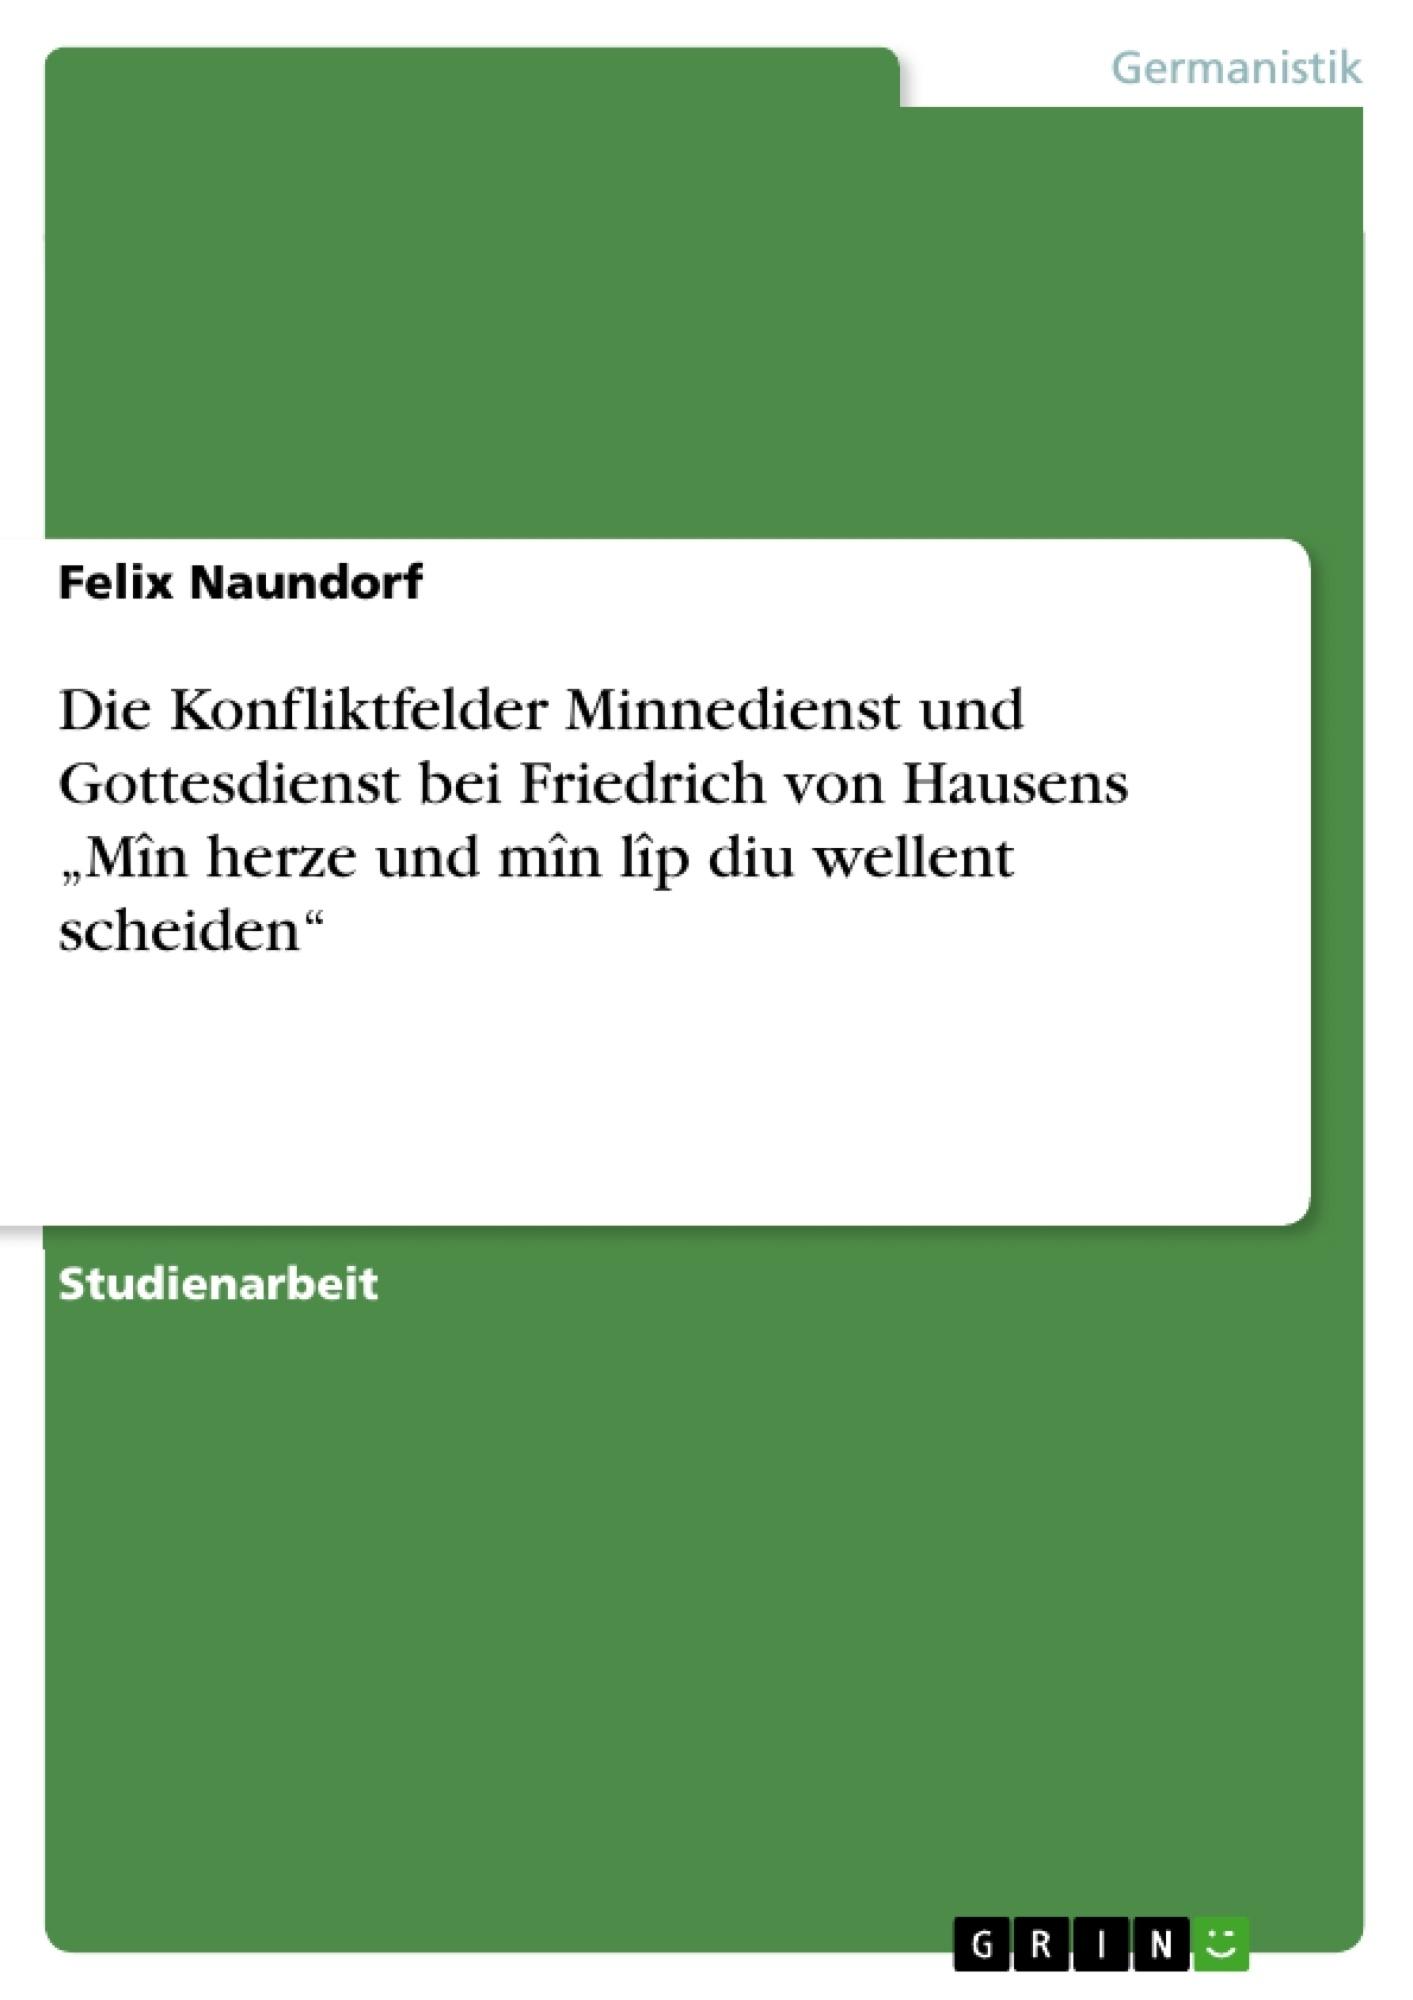 """Titel: Die Konfliktfelder Minnedienst und Gottesdienst bei Friedrich von Hausens """"Mîn herze und mîn lîp diu wellent scheiden"""""""